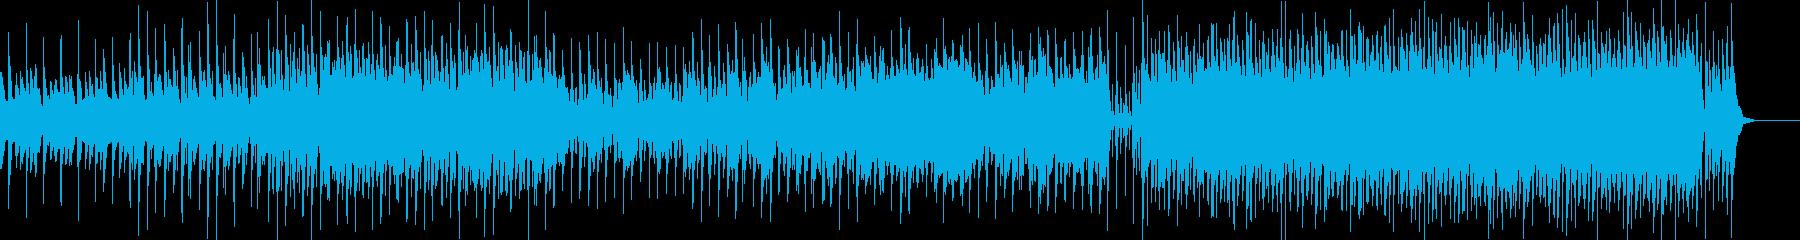 ファッションブランドCM調ポップサウンドの再生済みの波形